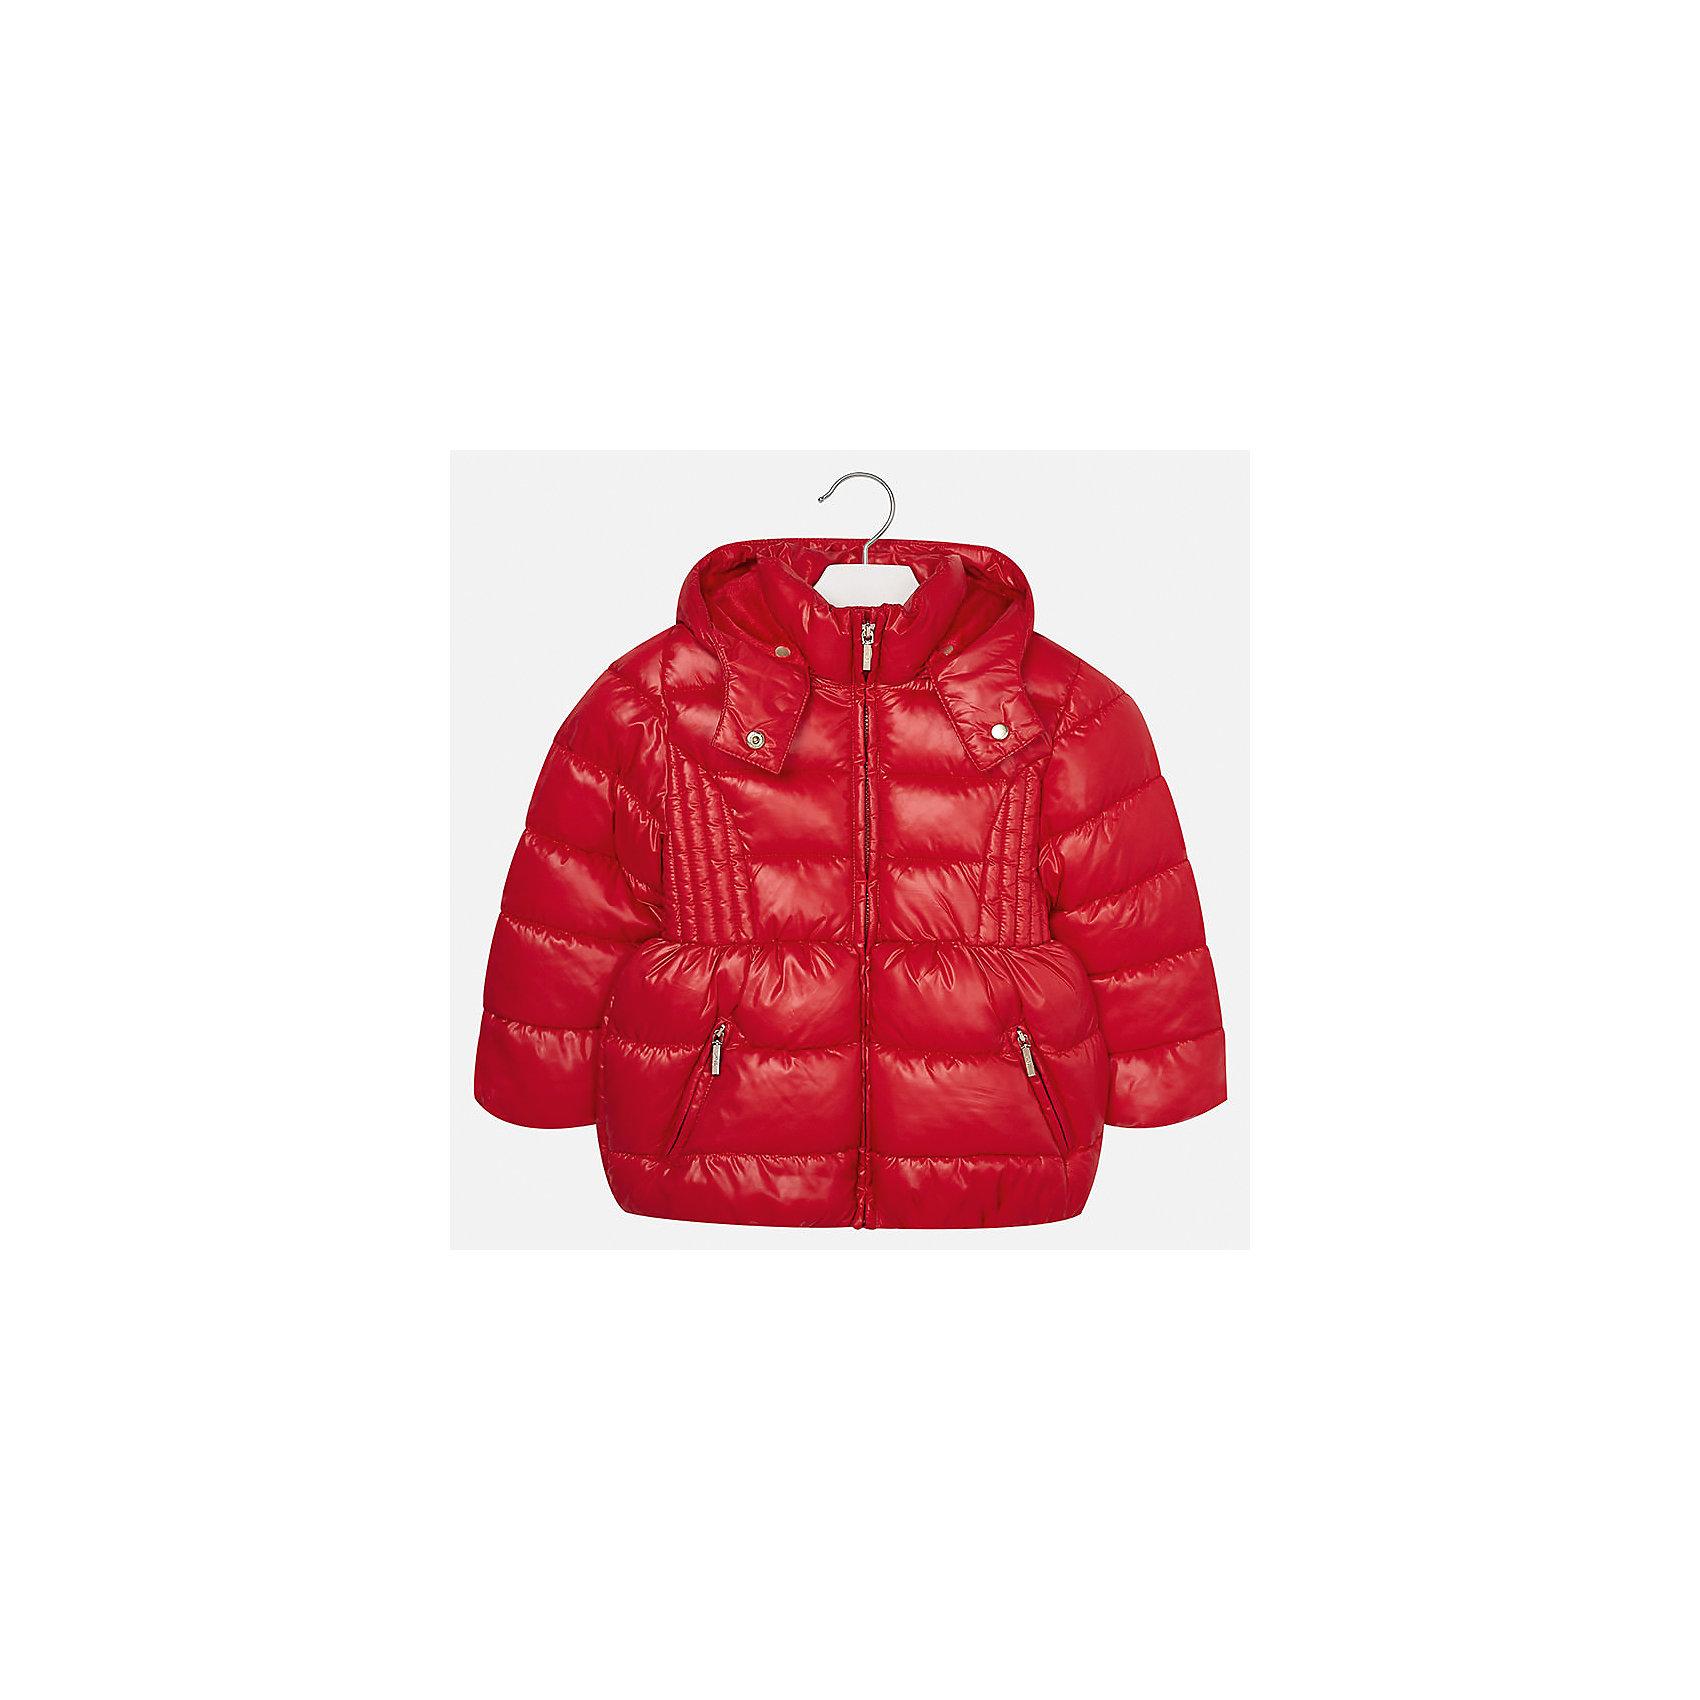 Куртка для девочки MayoralДемисезонные куртки<br>Характеристики товара:<br><br>• цвет: красный<br>• состав ткани: 100% полиэстер<br>• подкладка: 100% полиэстер<br>• утеплитель: 100% полиэстер<br>• сезон: демисезон<br>• температурный режим: от -10 до +10<br>• особенности куртки: дутая, с капюшоном<br>• капюшон: съемный<br>• застежка: молния<br>• страна бренда: Испания<br>• страна изготовитель: Индия<br><br>Красная детская куртка подойдет для прохладной погоды и небольшого мороза. Благодаря качественной ткани детской куртки для девочки создаются комфортные условия для тела. Стильная девочки для девочки отличается стильным продуманным дизайном.<br><br>Куртку для девочки Mayoral (Майорал) можно купить в нашем интернет-магазине.<br><br>Ширина мм: 356<br>Глубина мм: 10<br>Высота мм: 245<br>Вес г: 519<br>Цвет: красный<br>Возраст от месяцев: 24<br>Возраст до месяцев: 36<br>Пол: Женский<br>Возраст: Детский<br>Размер: 98,104,110,116,122,128,134,92<br>SKU: 6920106